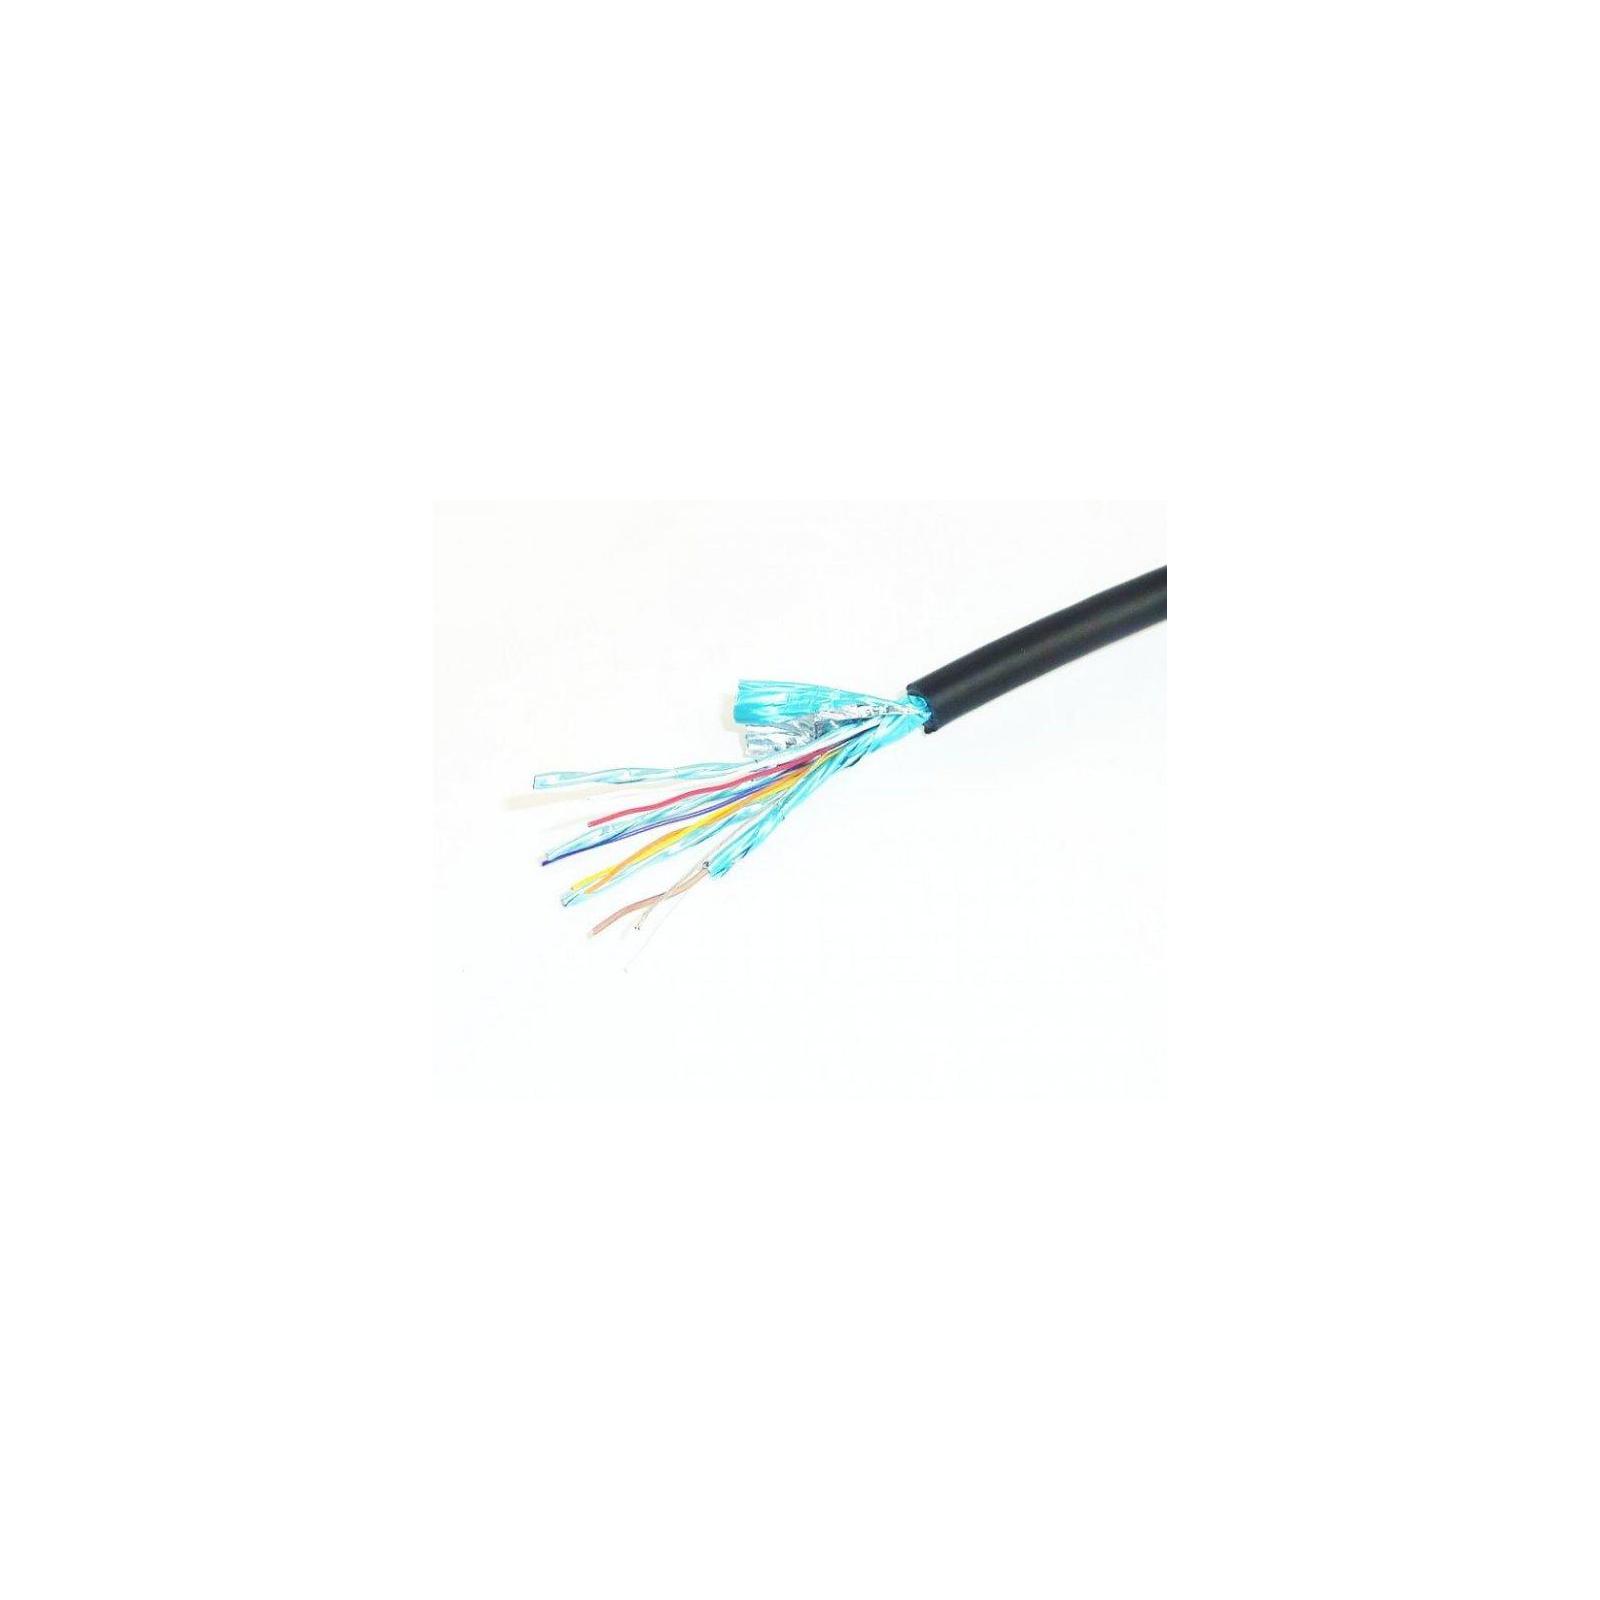 Кабель мультимедийный DisplayPort to HDMI 5.0m Cablexpert (CC-DP-HDMI-5M) изображение 3